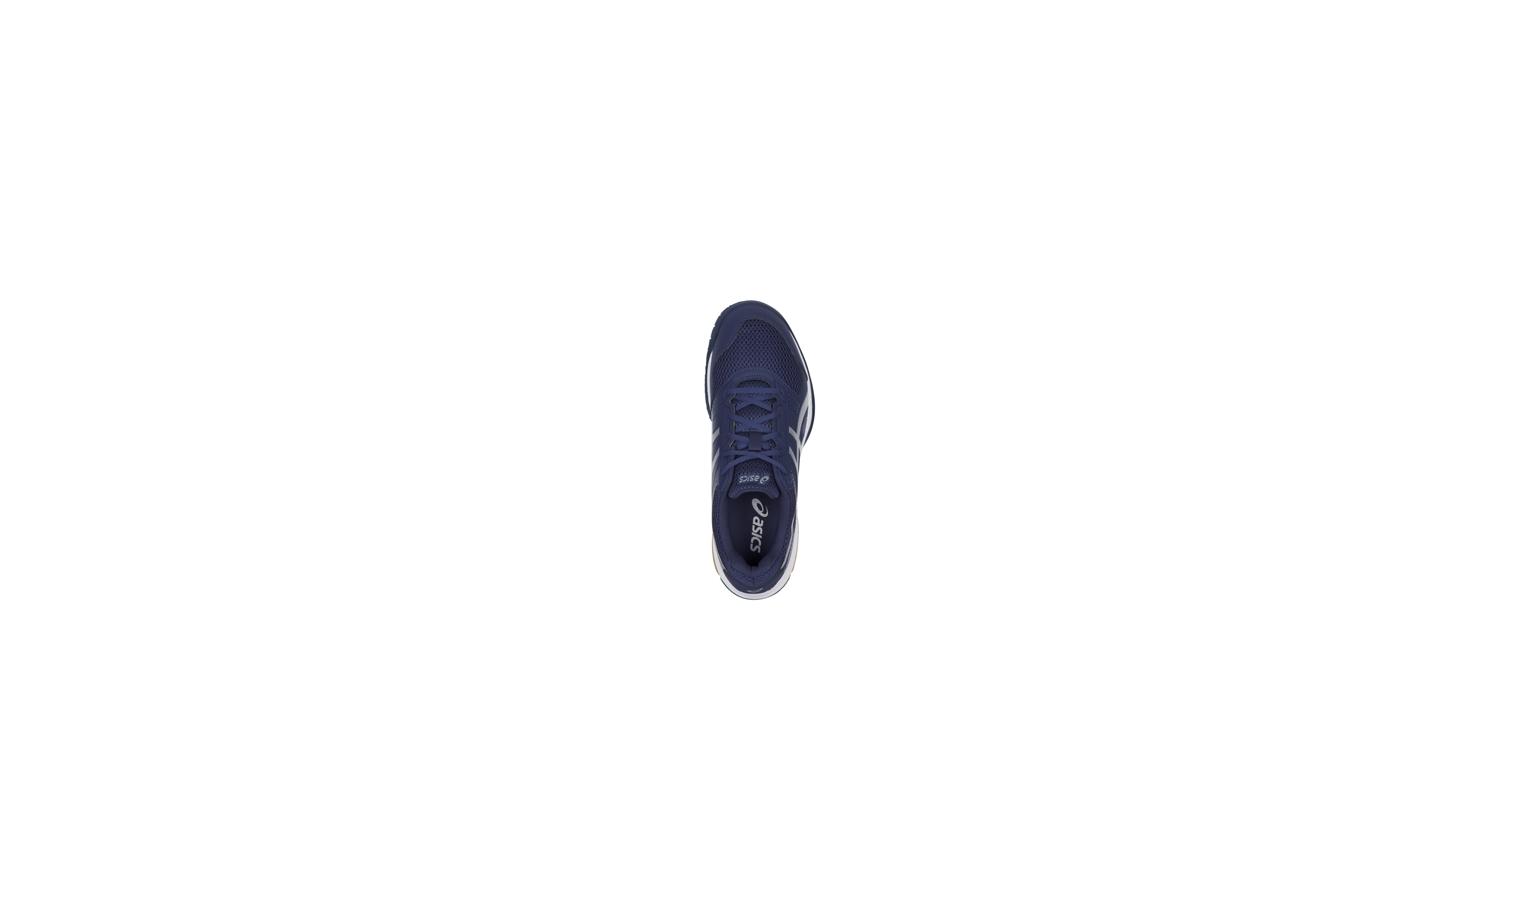 a5f0bc048c4 Pánske volejbalové topánky Asics ROCKET 8 modré